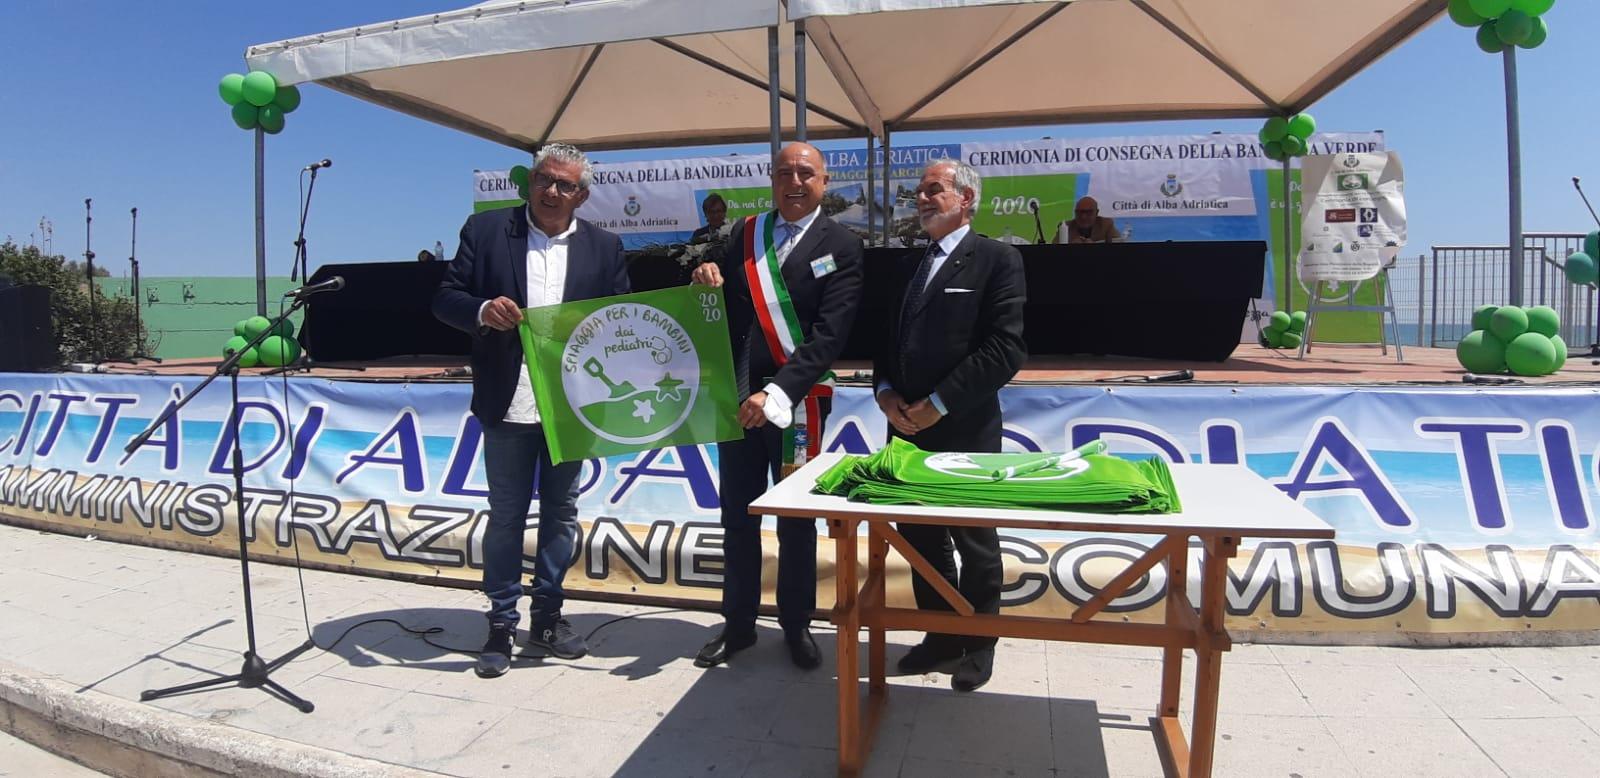 Santa Croce – Confermata la bandiera verde alle spiagge del nostro litorale